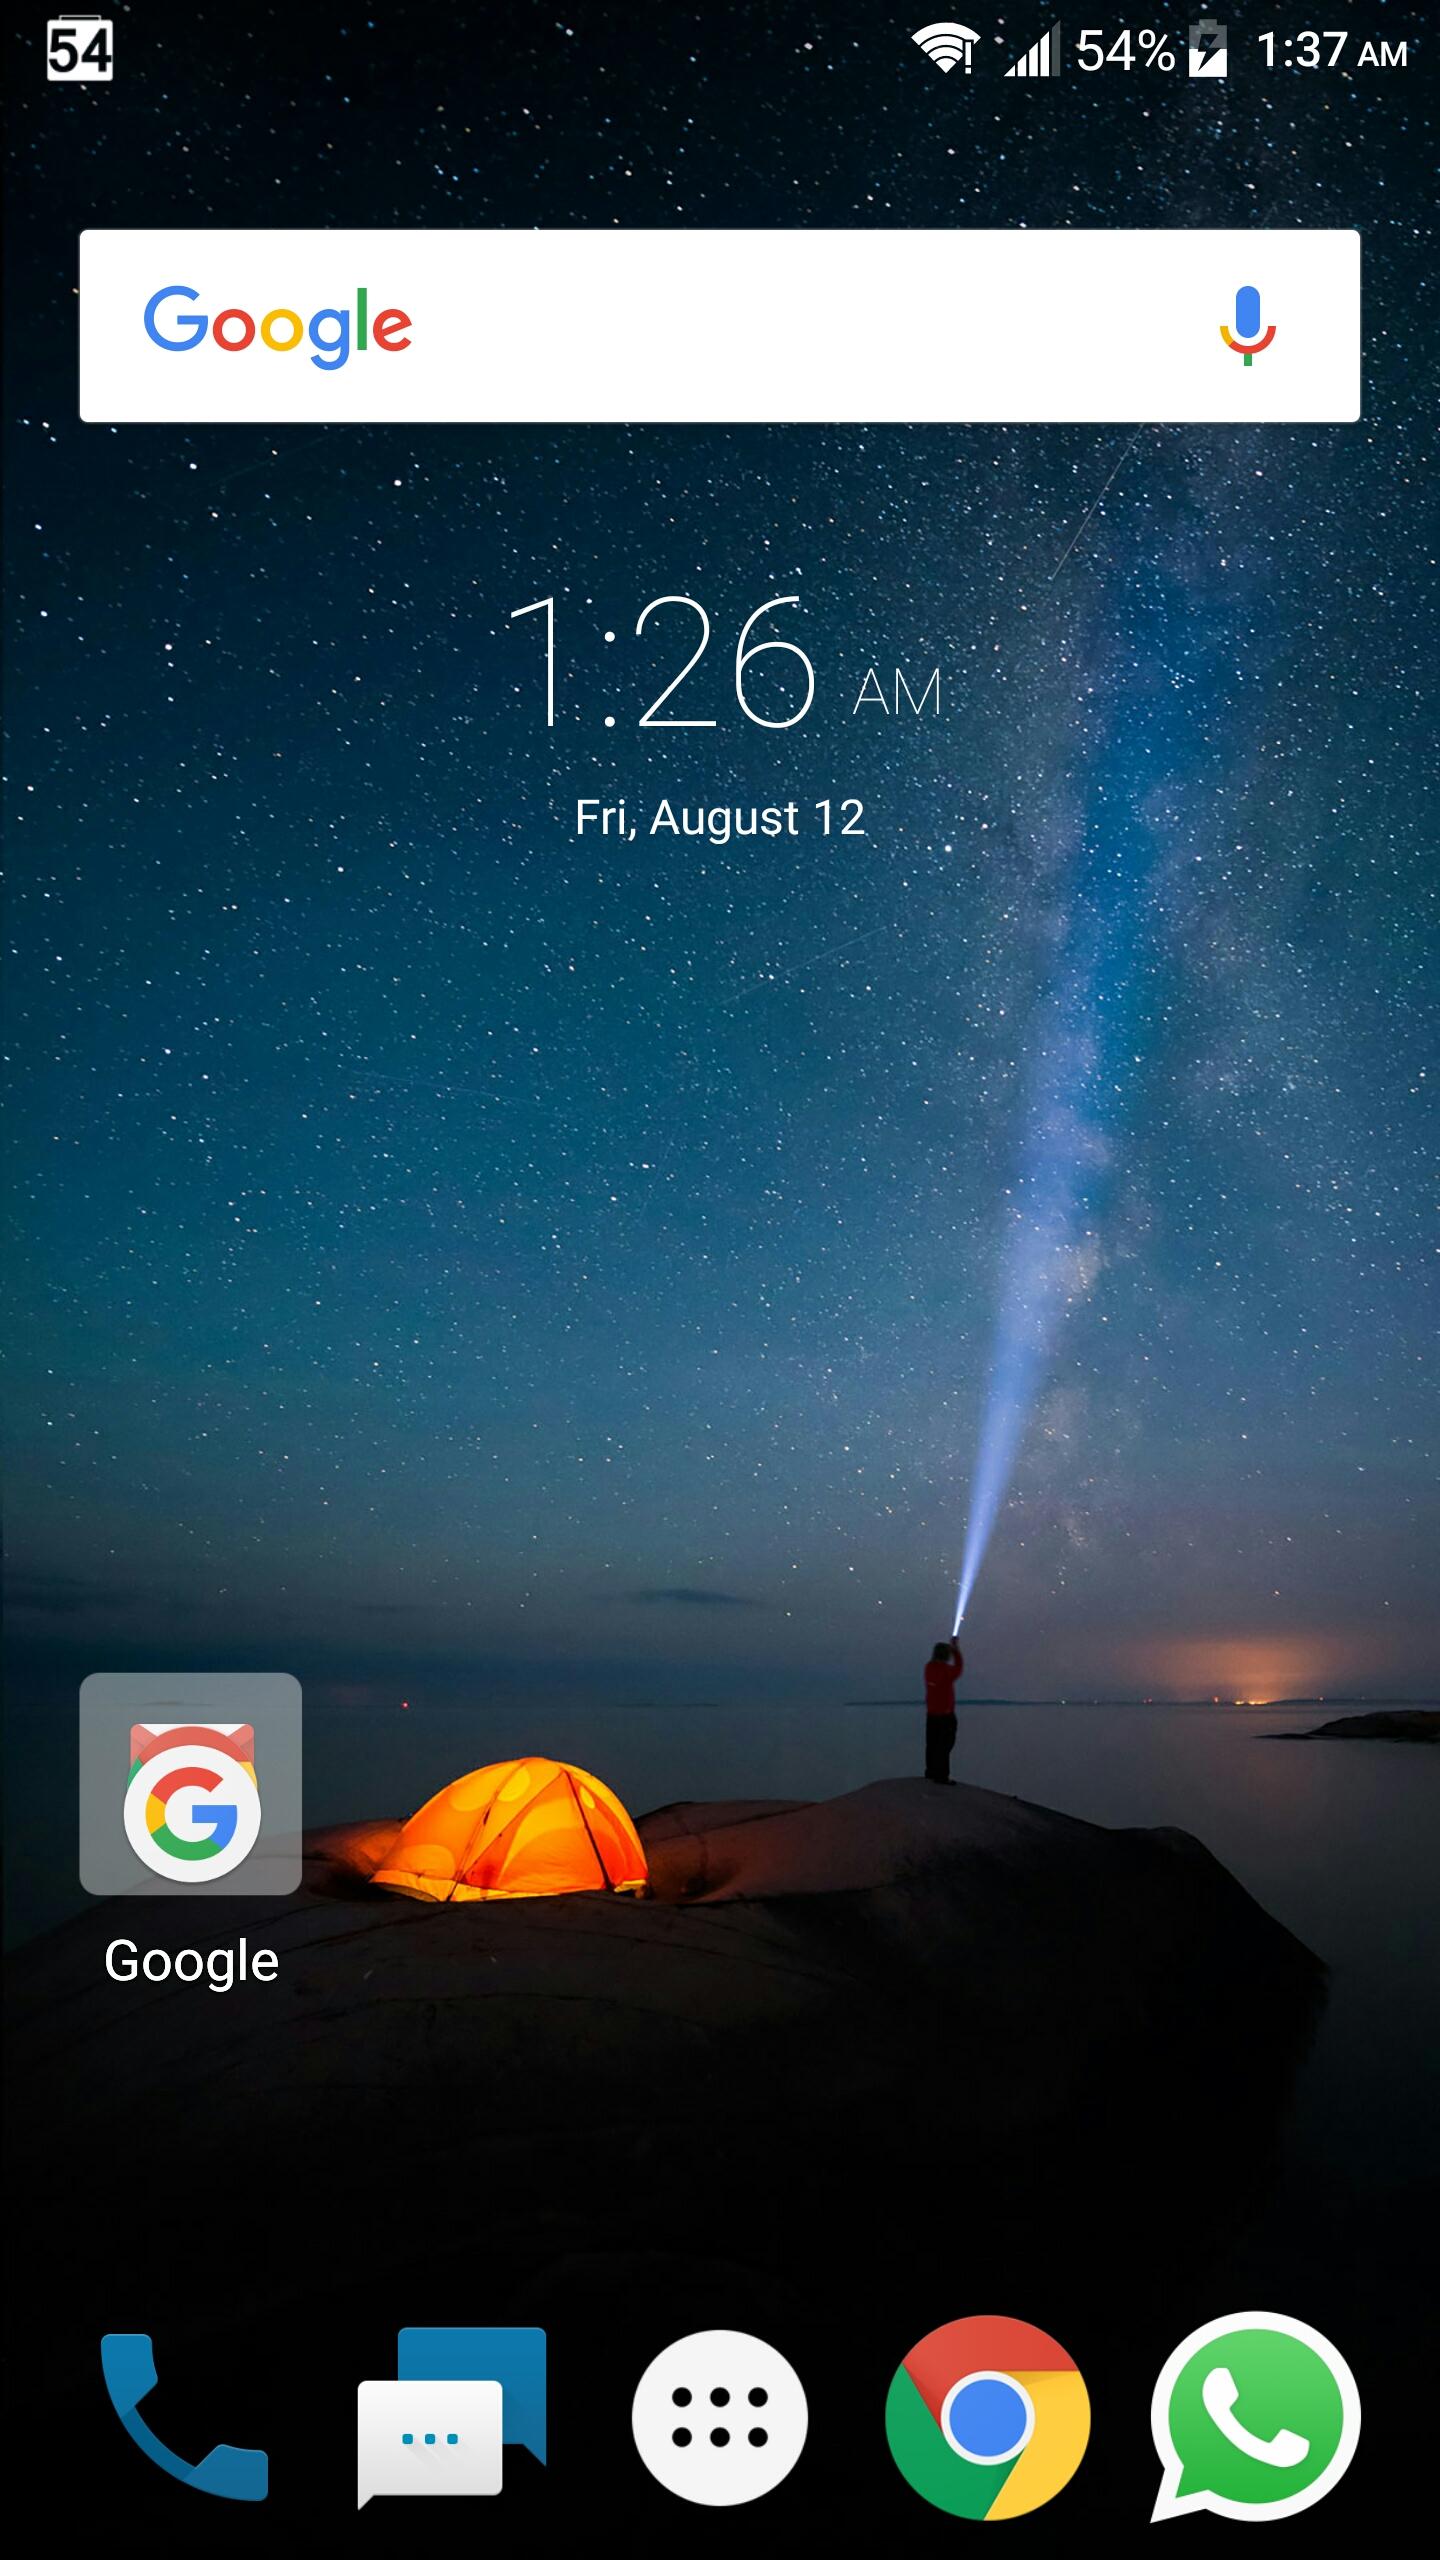 Screenshot_2016-08-12-01-37-48.jpg